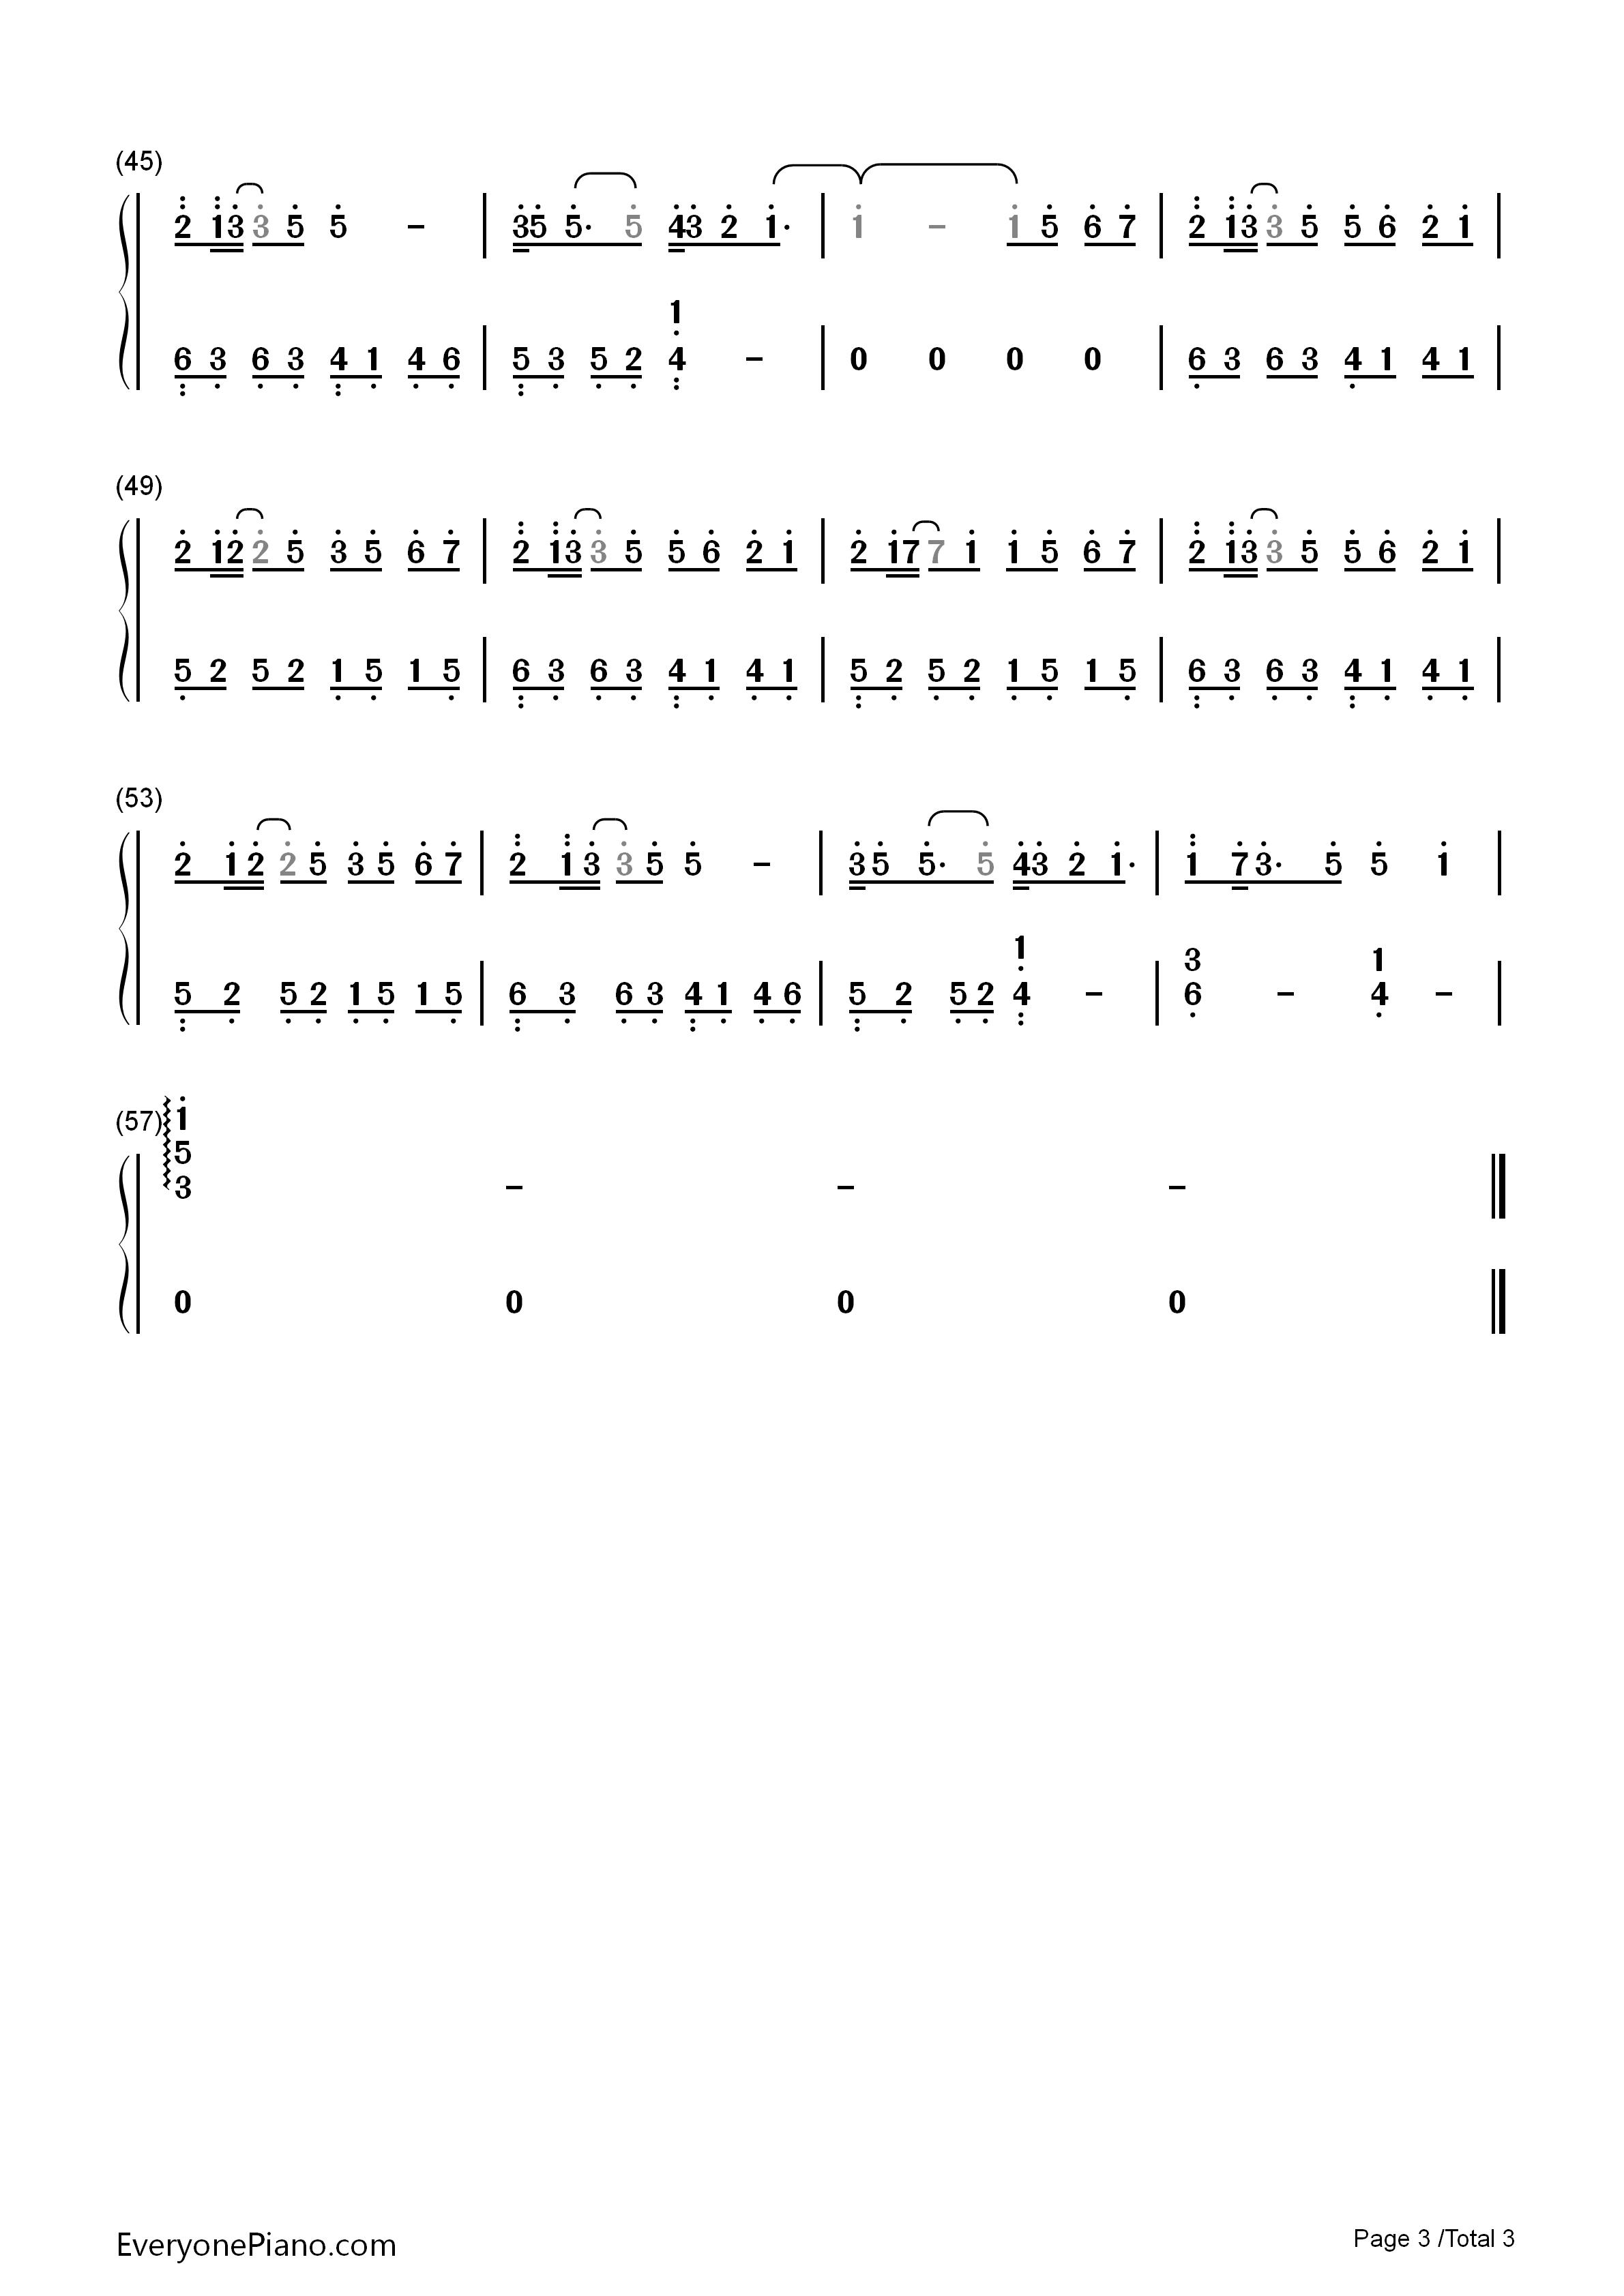 钢琴曲谱 影视 追光者-完美版 追光者-完美版双手简谱预览3  }  仅供